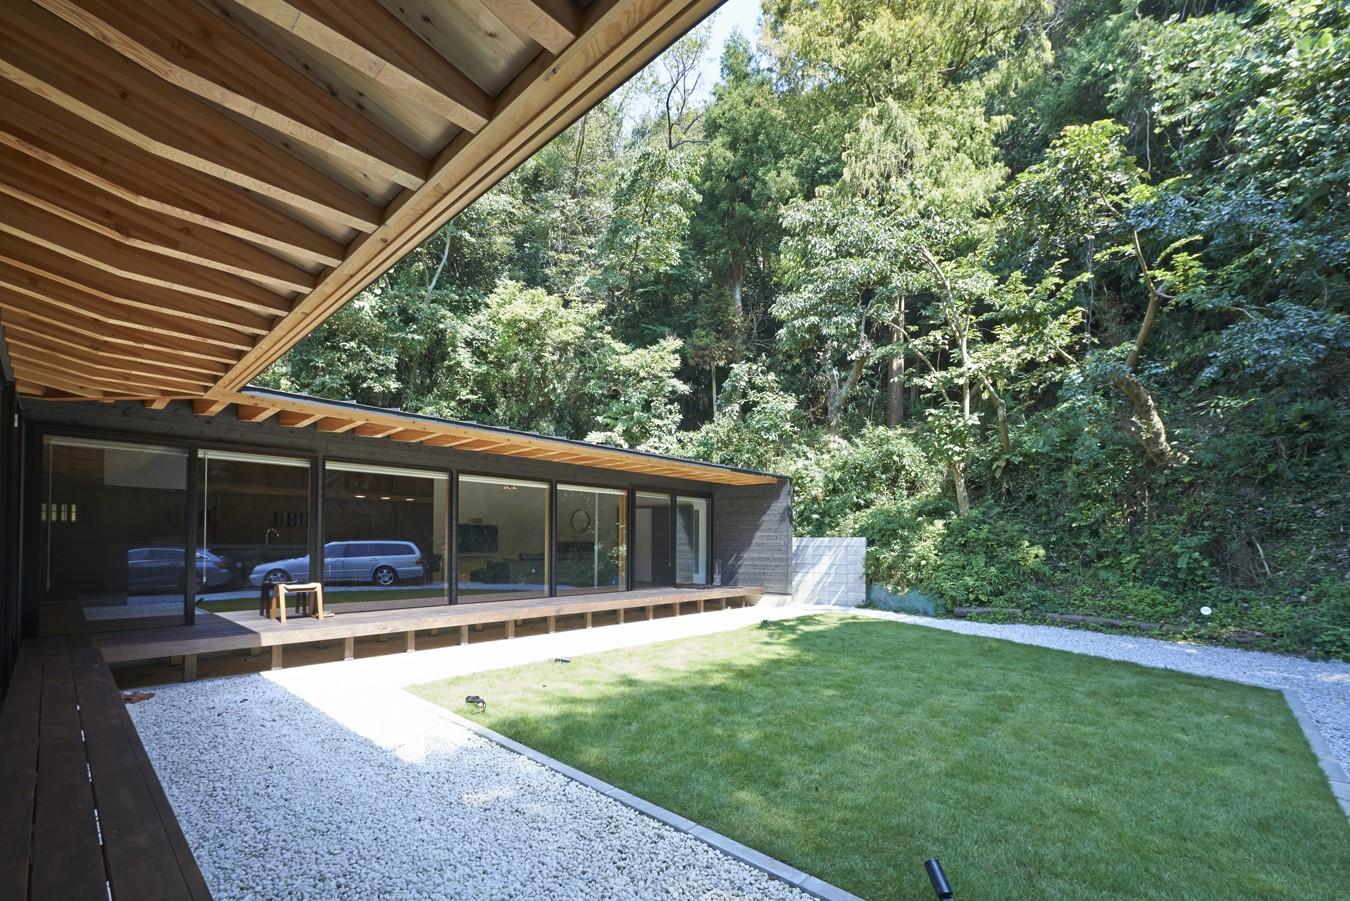 外観事例:中庭の眺め(稲村ヶ崎の住宅)